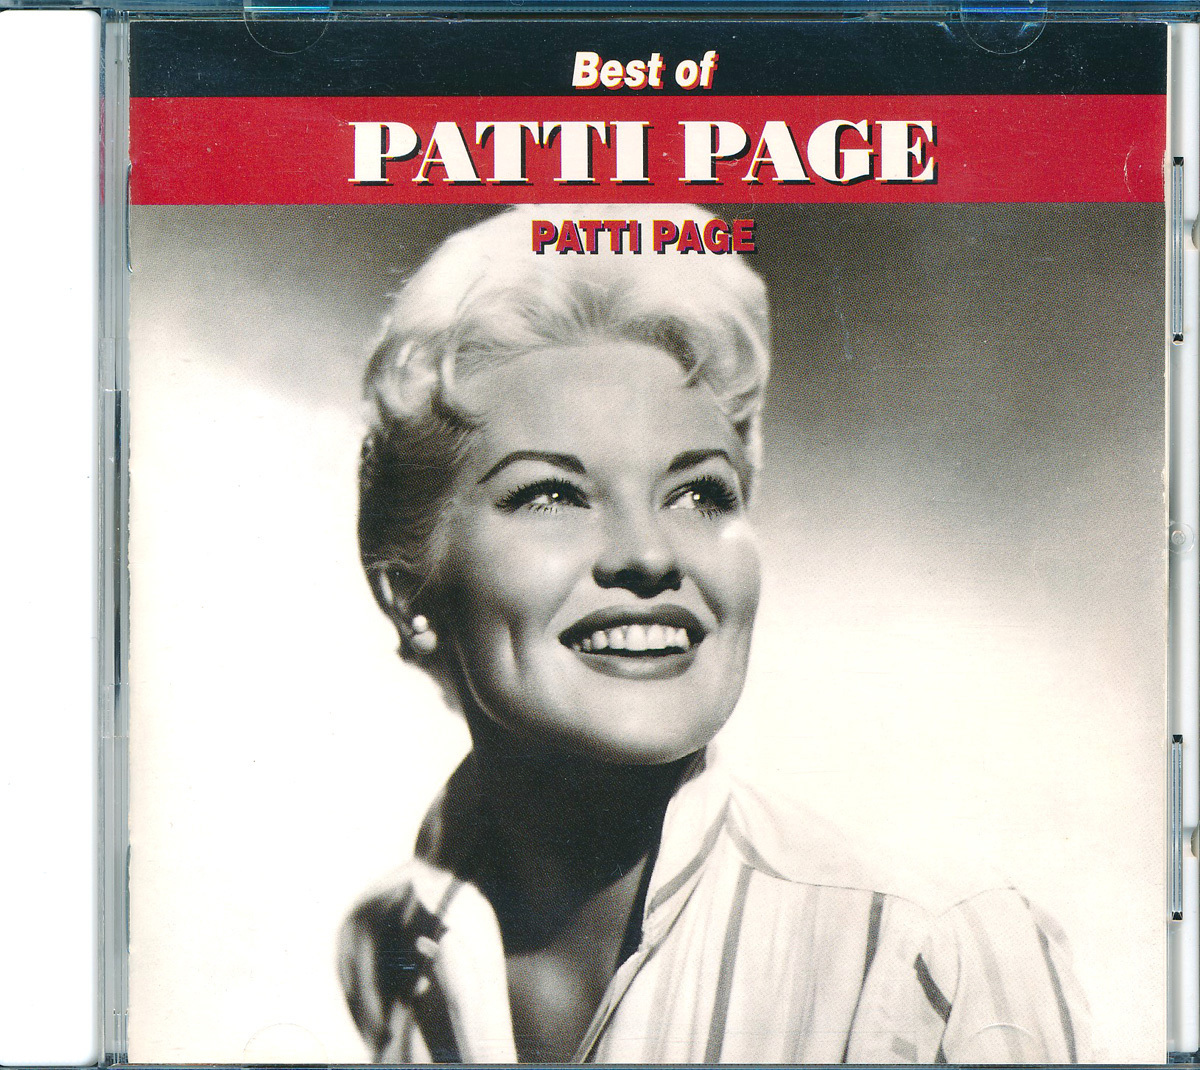 60年代洋楽女性┃パティ・ペイジ│Patti Page■テネシー・ワルツ~ベスト・オブ・│Best Of Patti Page■PHCA-4111■管理CD5372_画像1